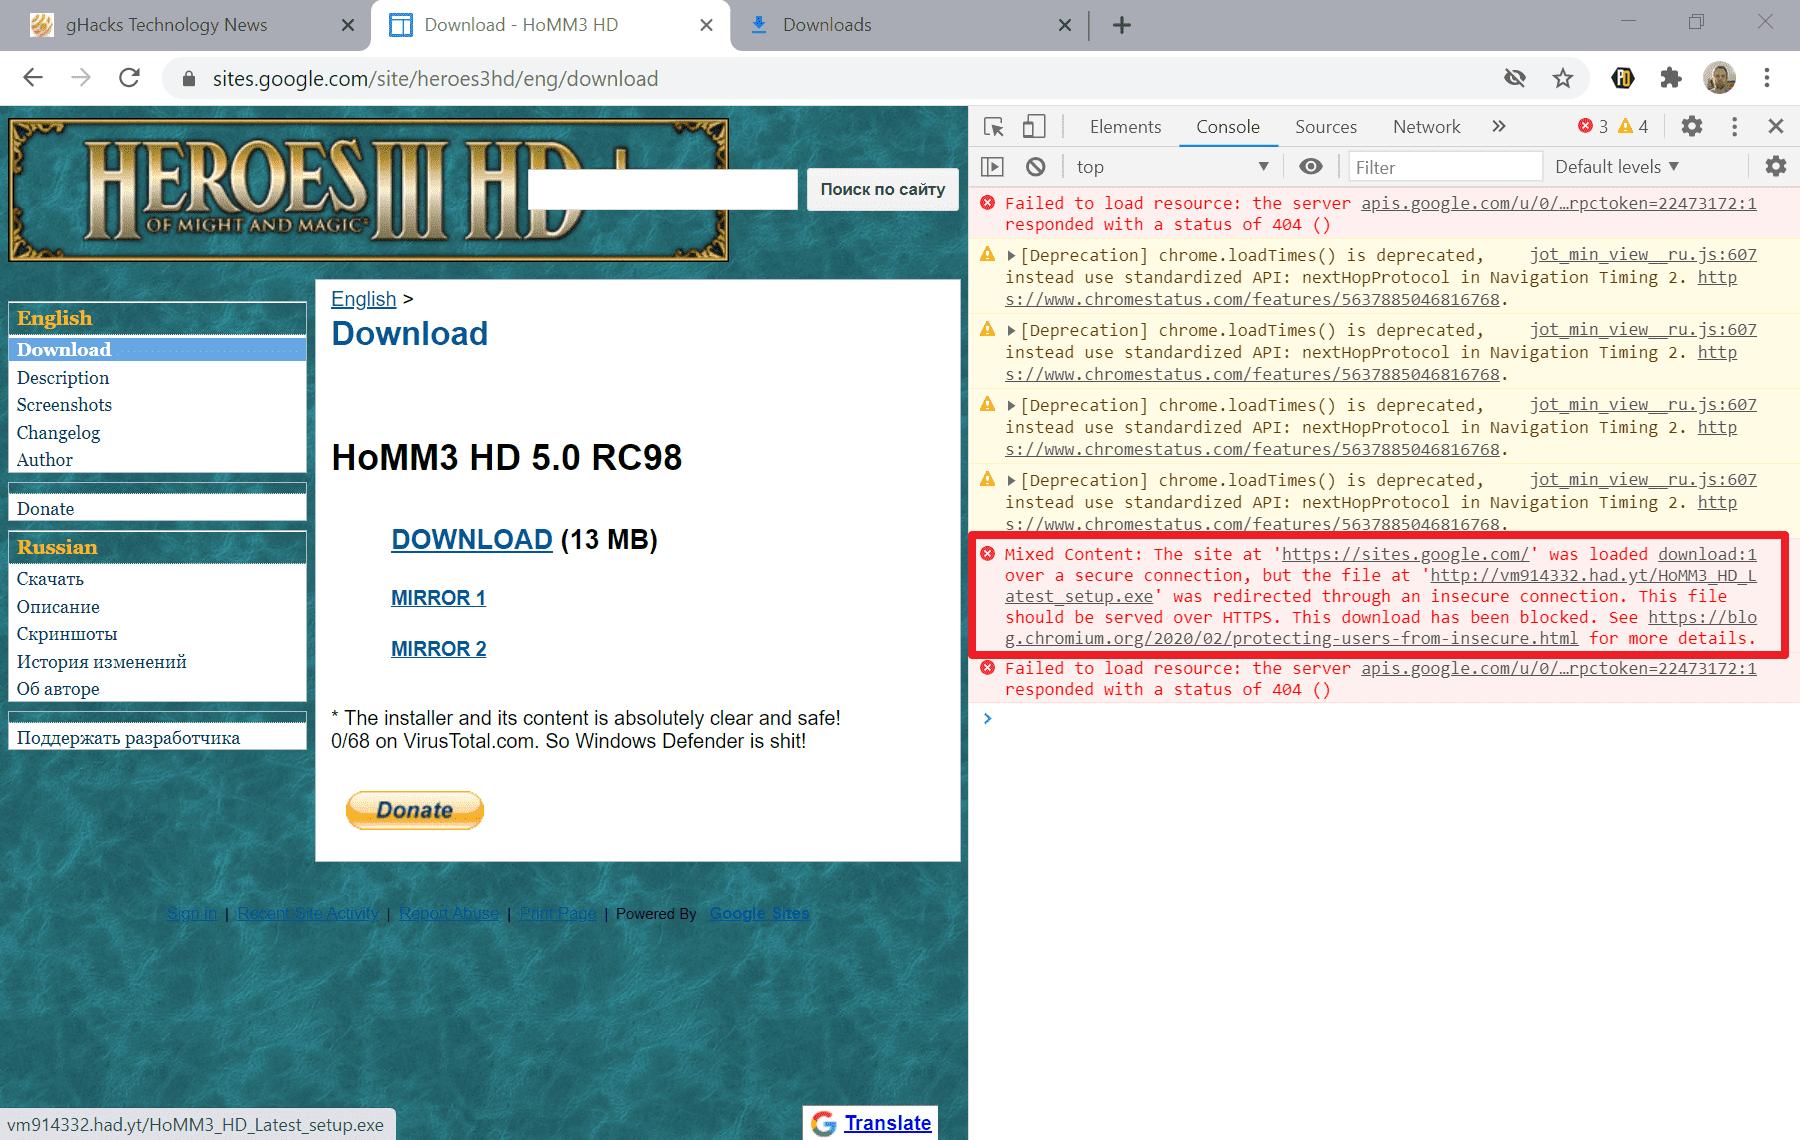 Chrome chặn tải file xuống? Làm sao xử lý 1